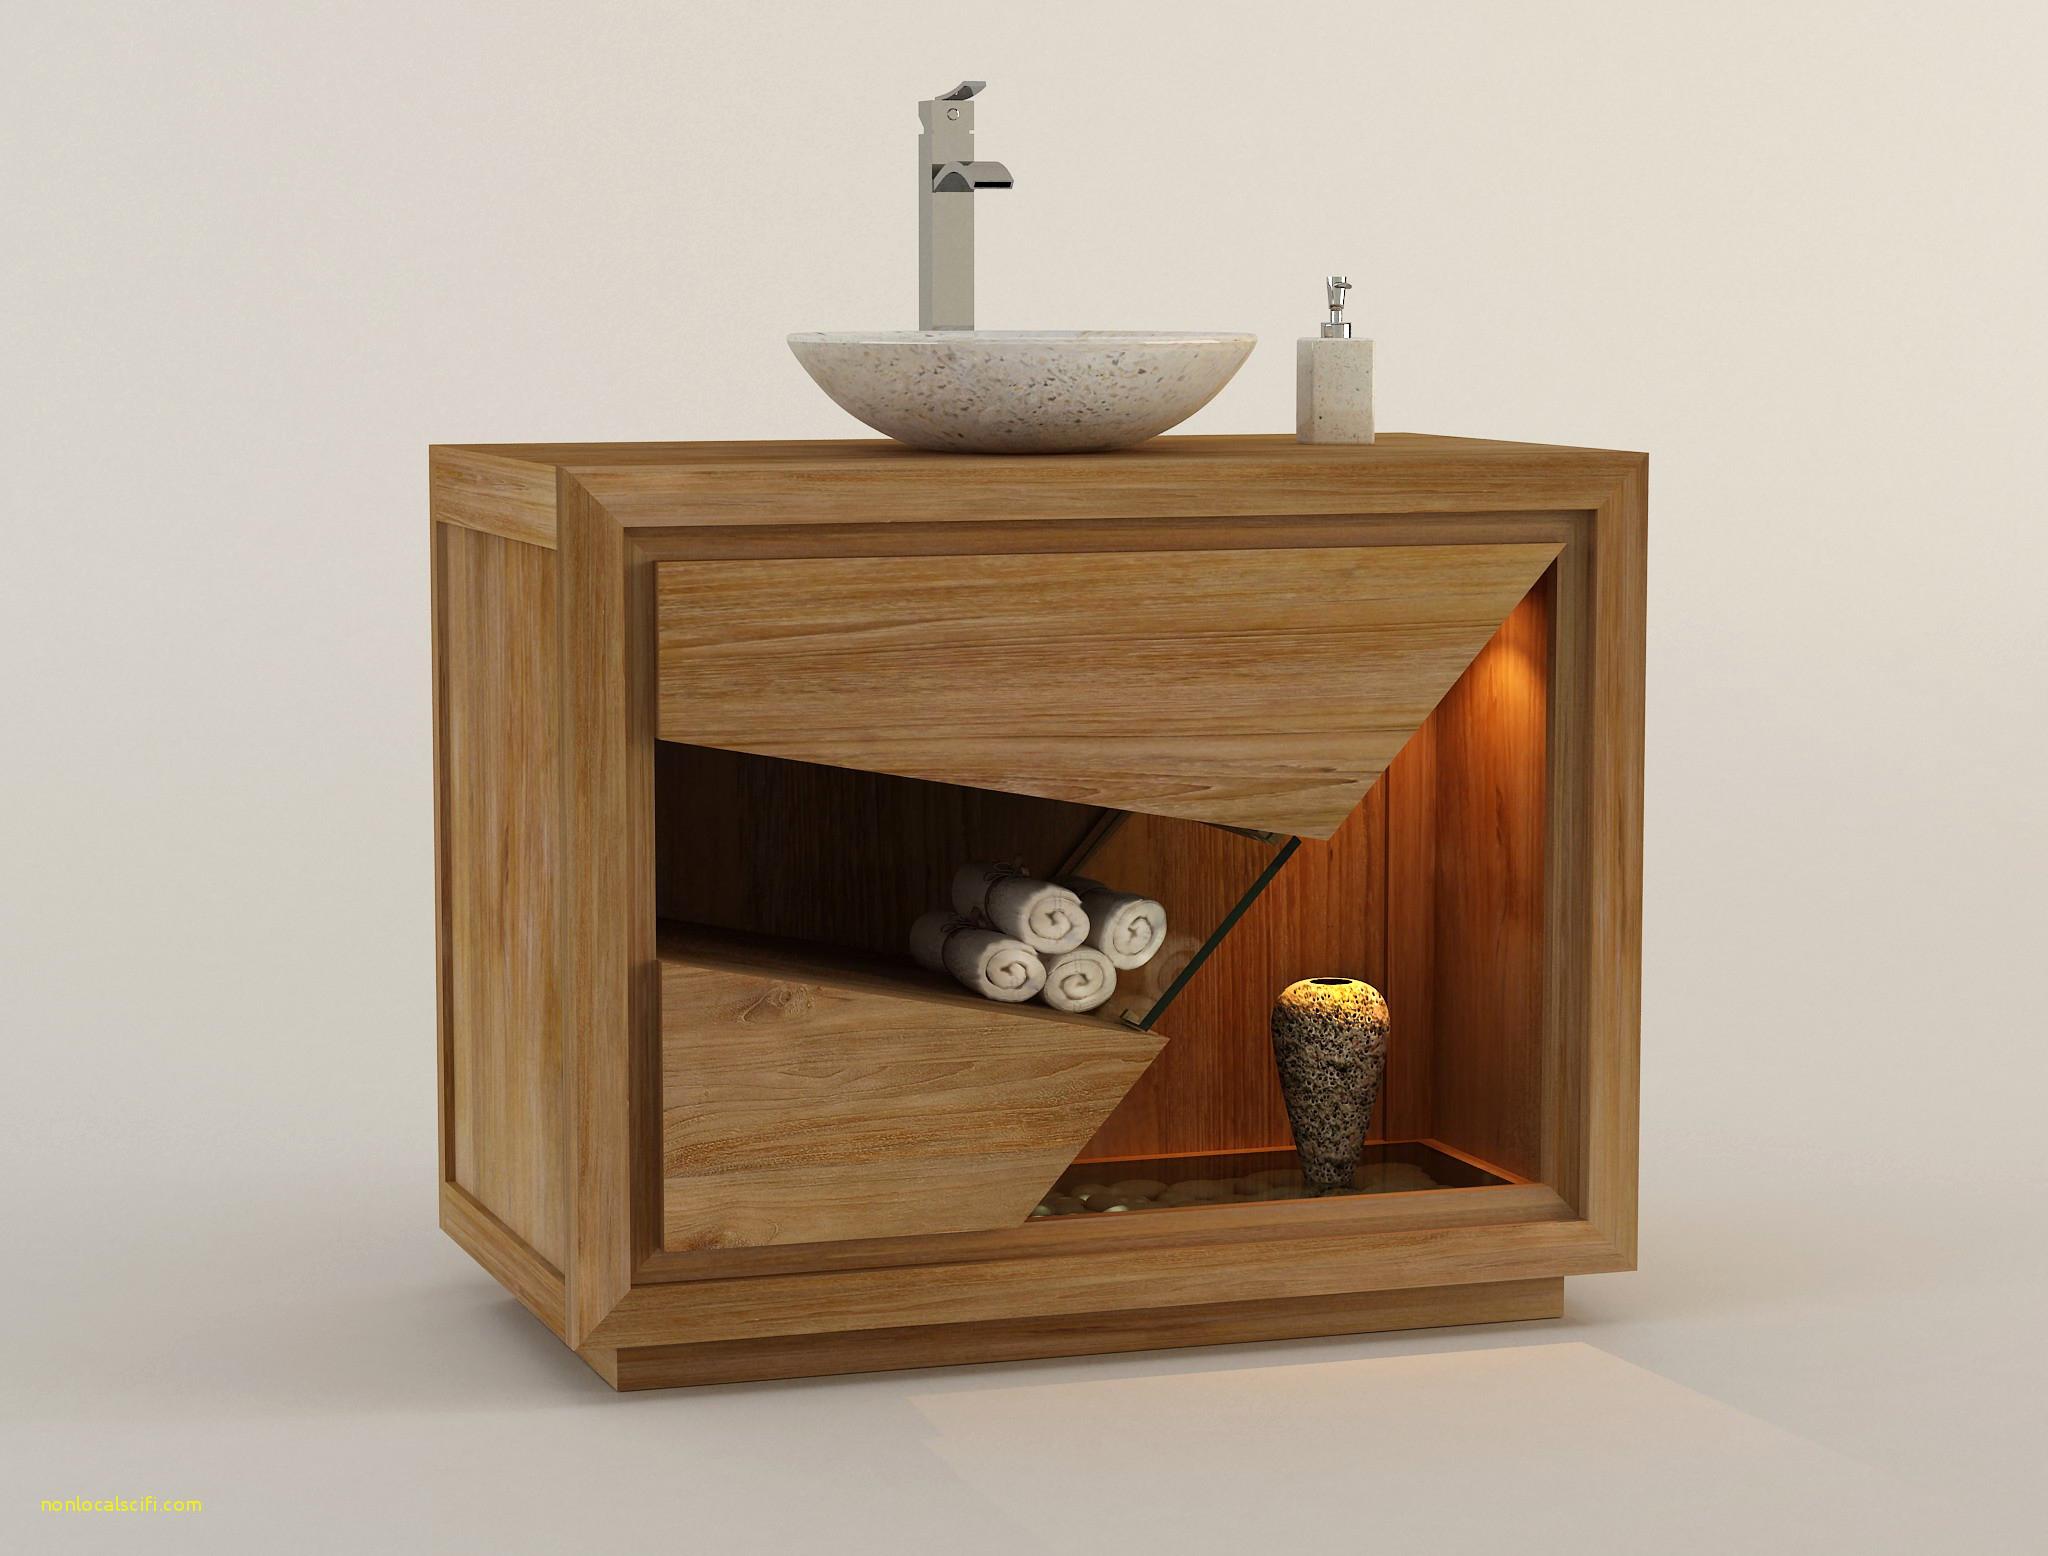 Meuble pour vasque poser ikea nouveau photos lave main ikea interesting lave main avec meuble - Meuble pour vasque a poser ...